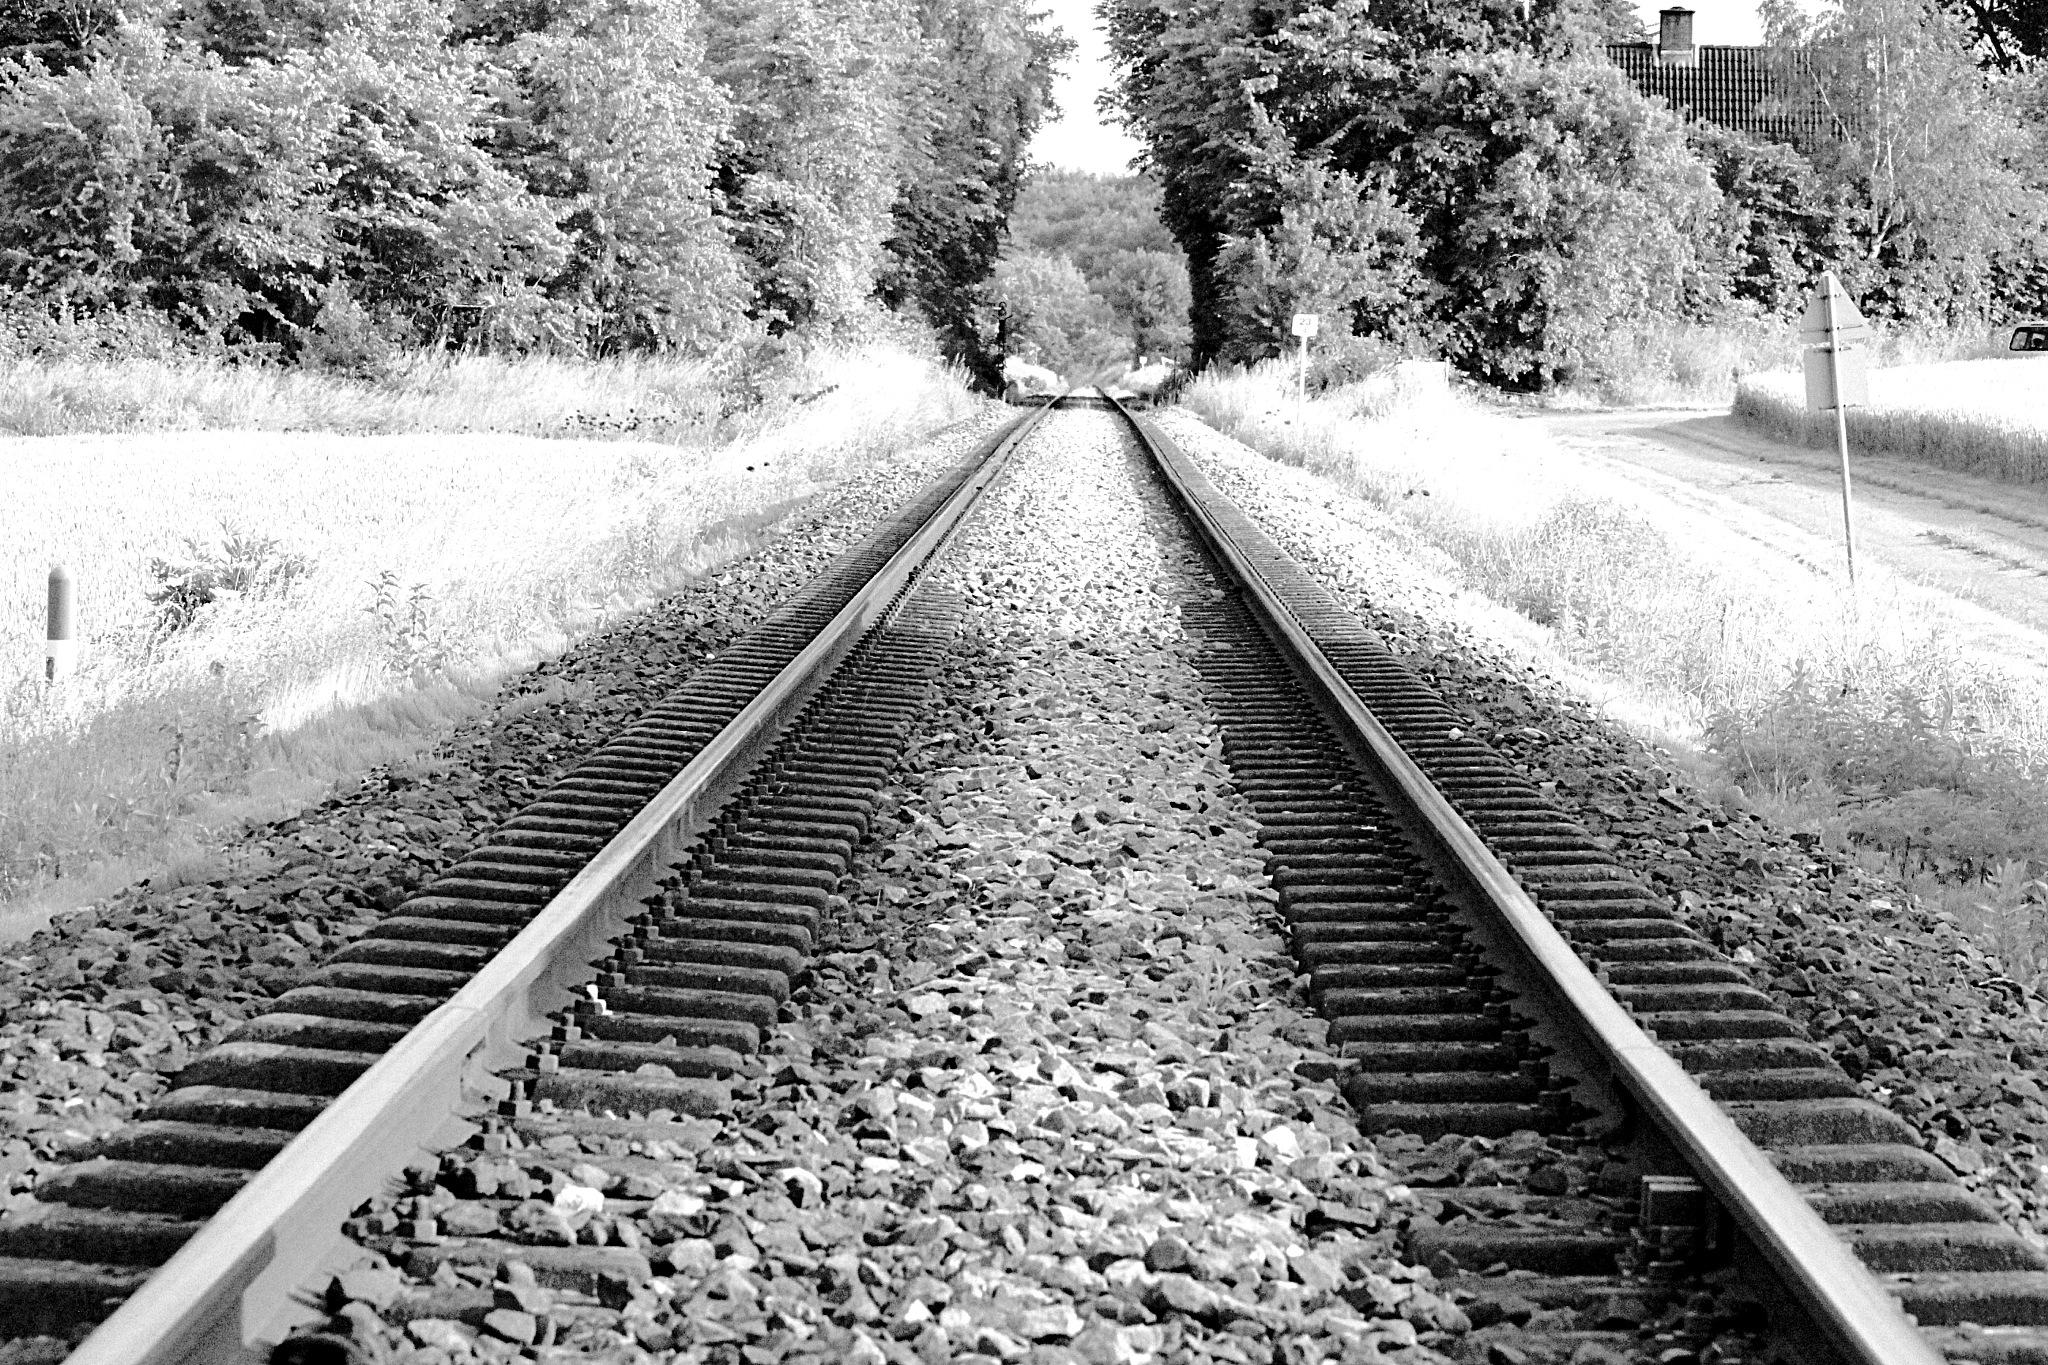 Railroad by Mille Weinreich-Pedersen